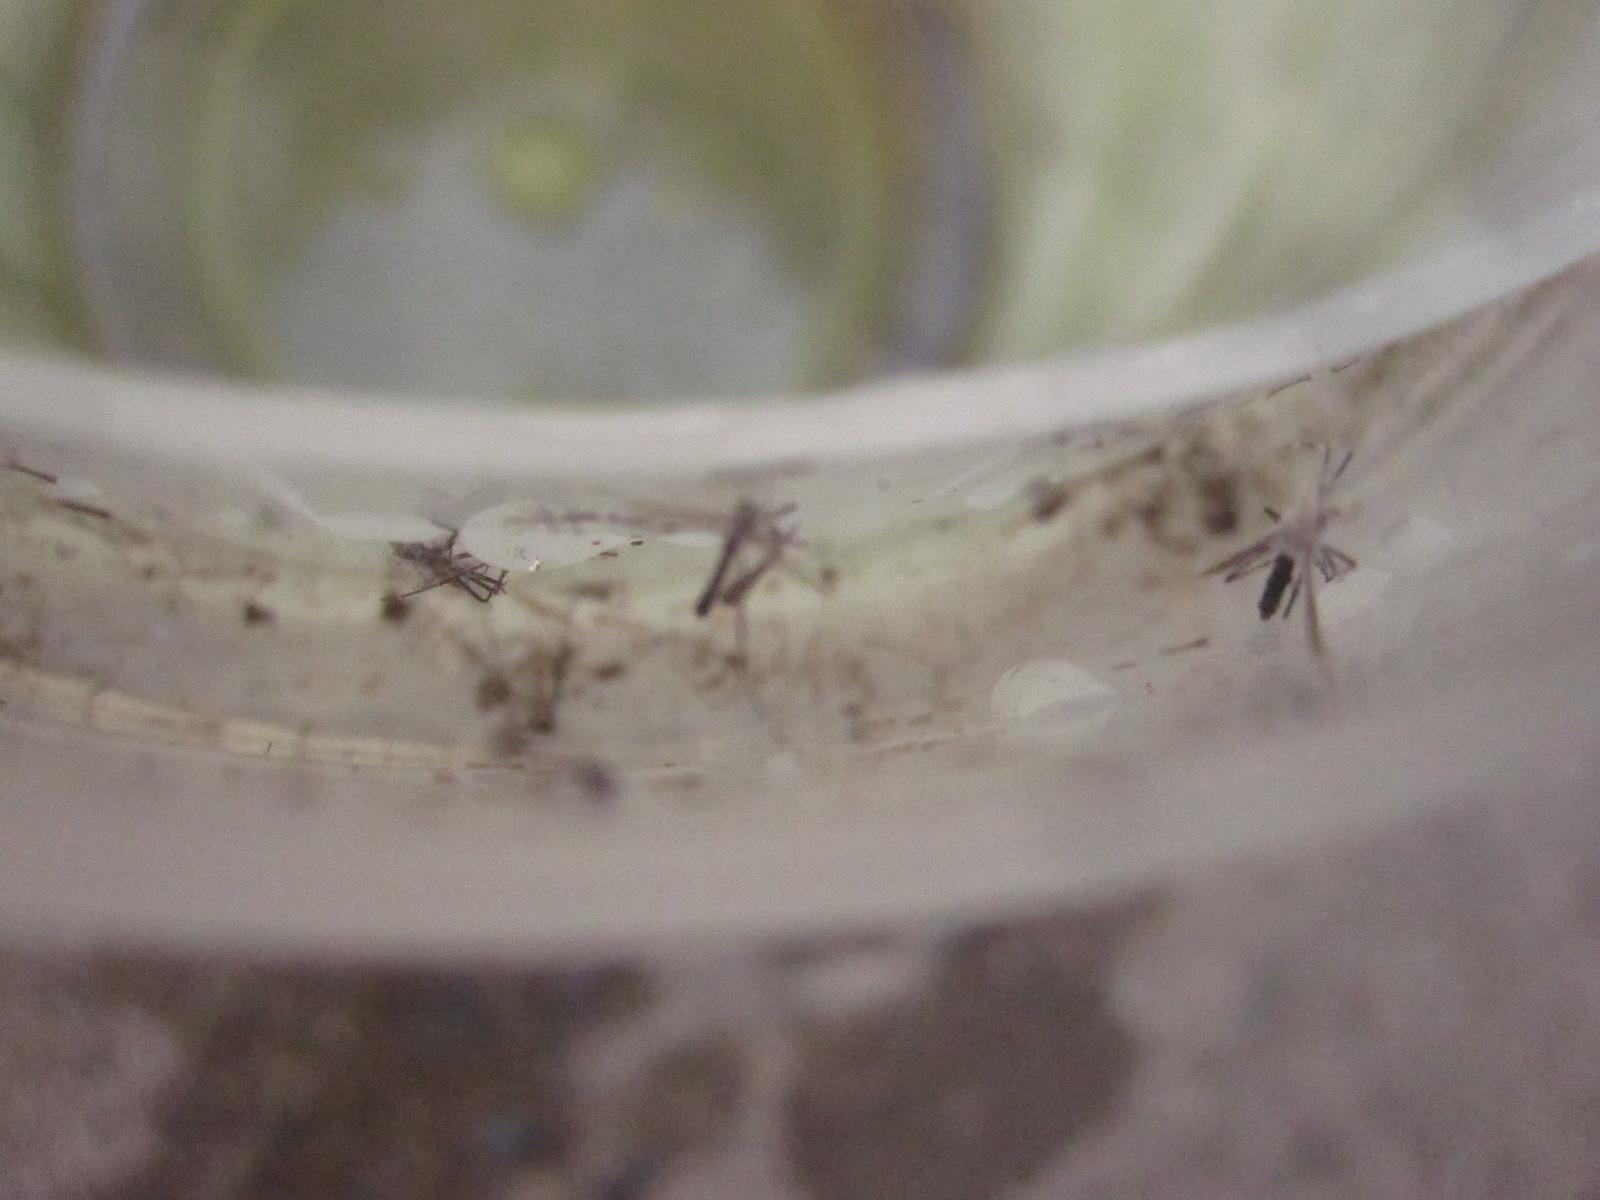 容器の縁に羽化した蚊の成虫の死骸が散乱している